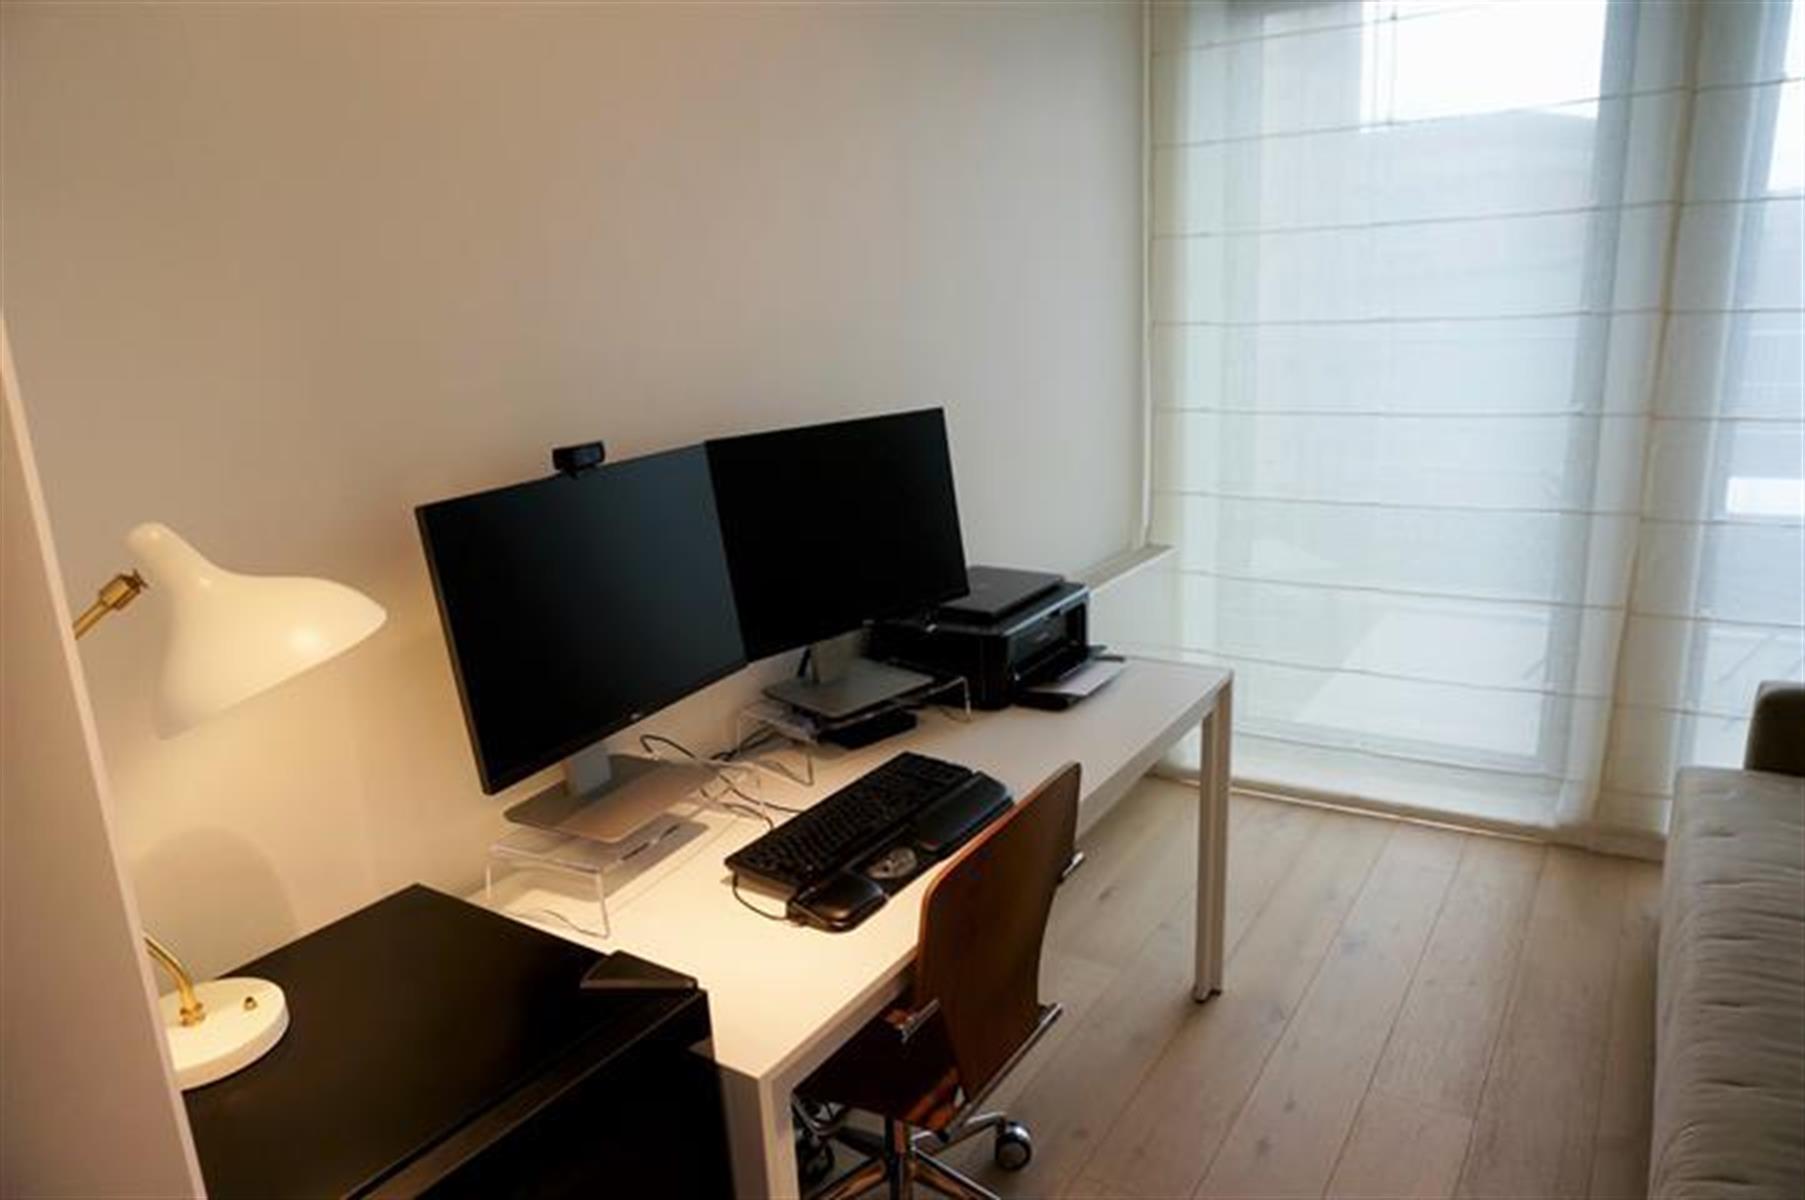 Flat - Ixelles - #4499294-8